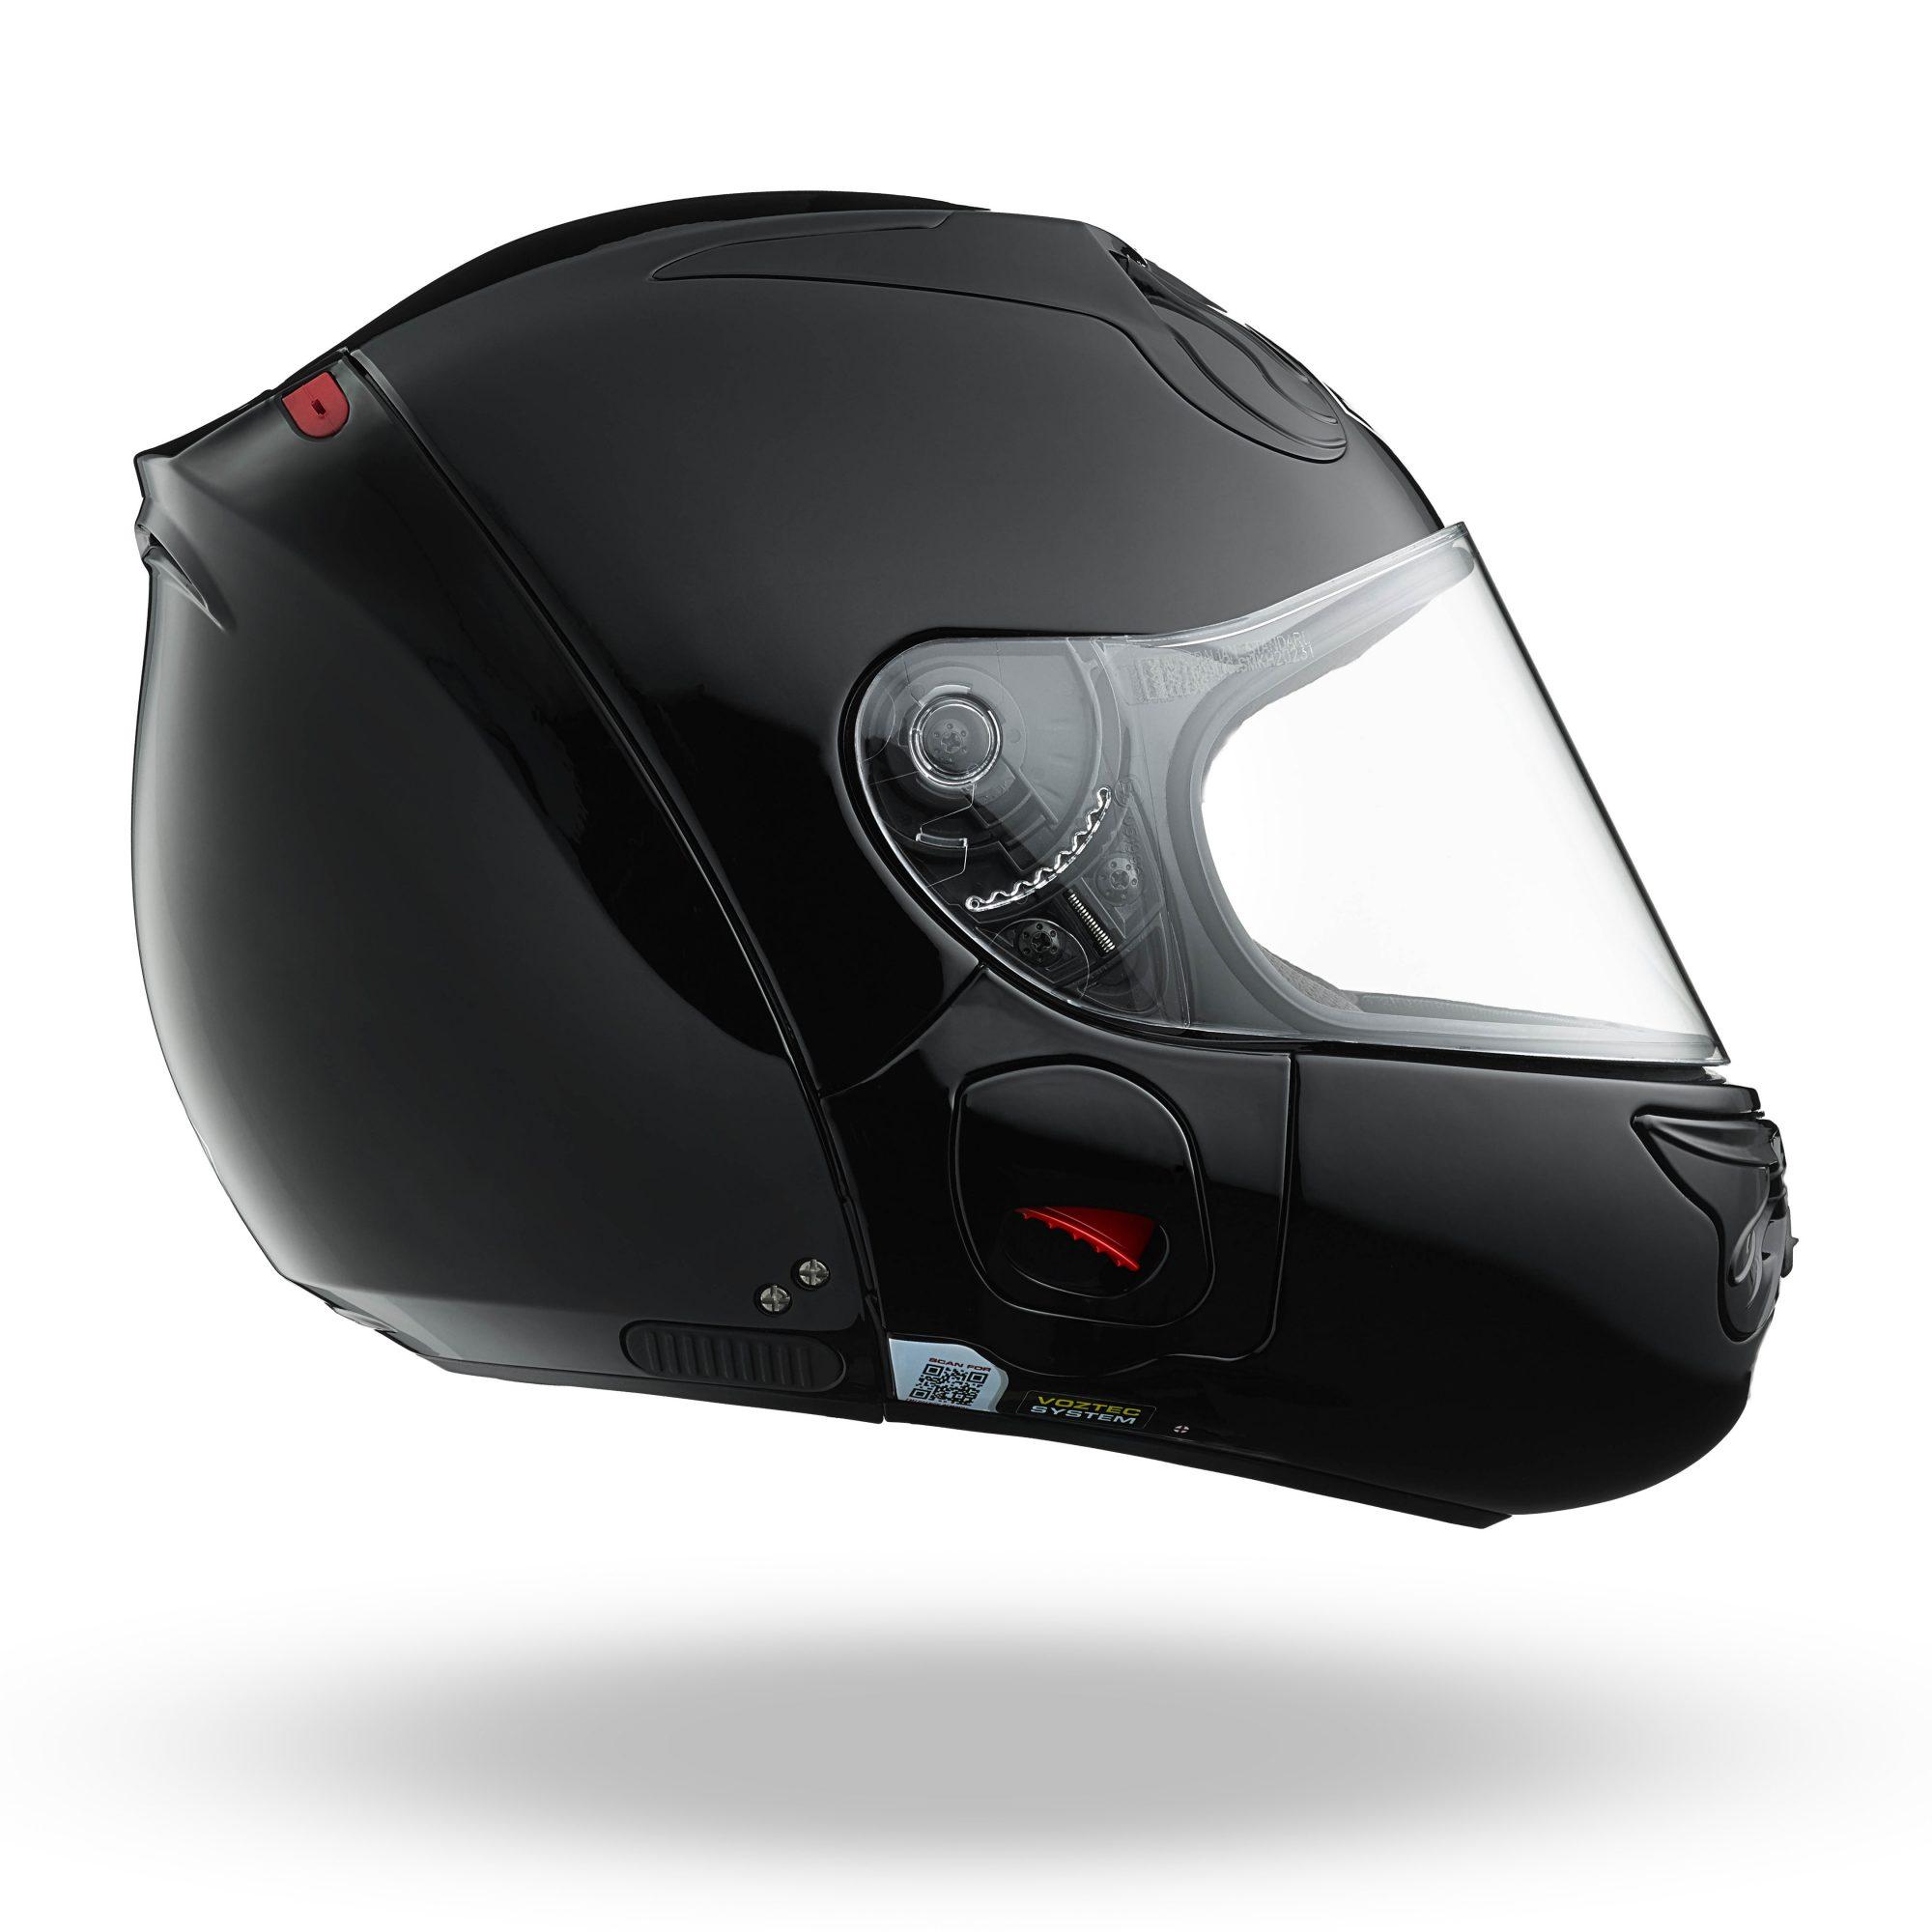 VOZZ Motorcycle Helmet